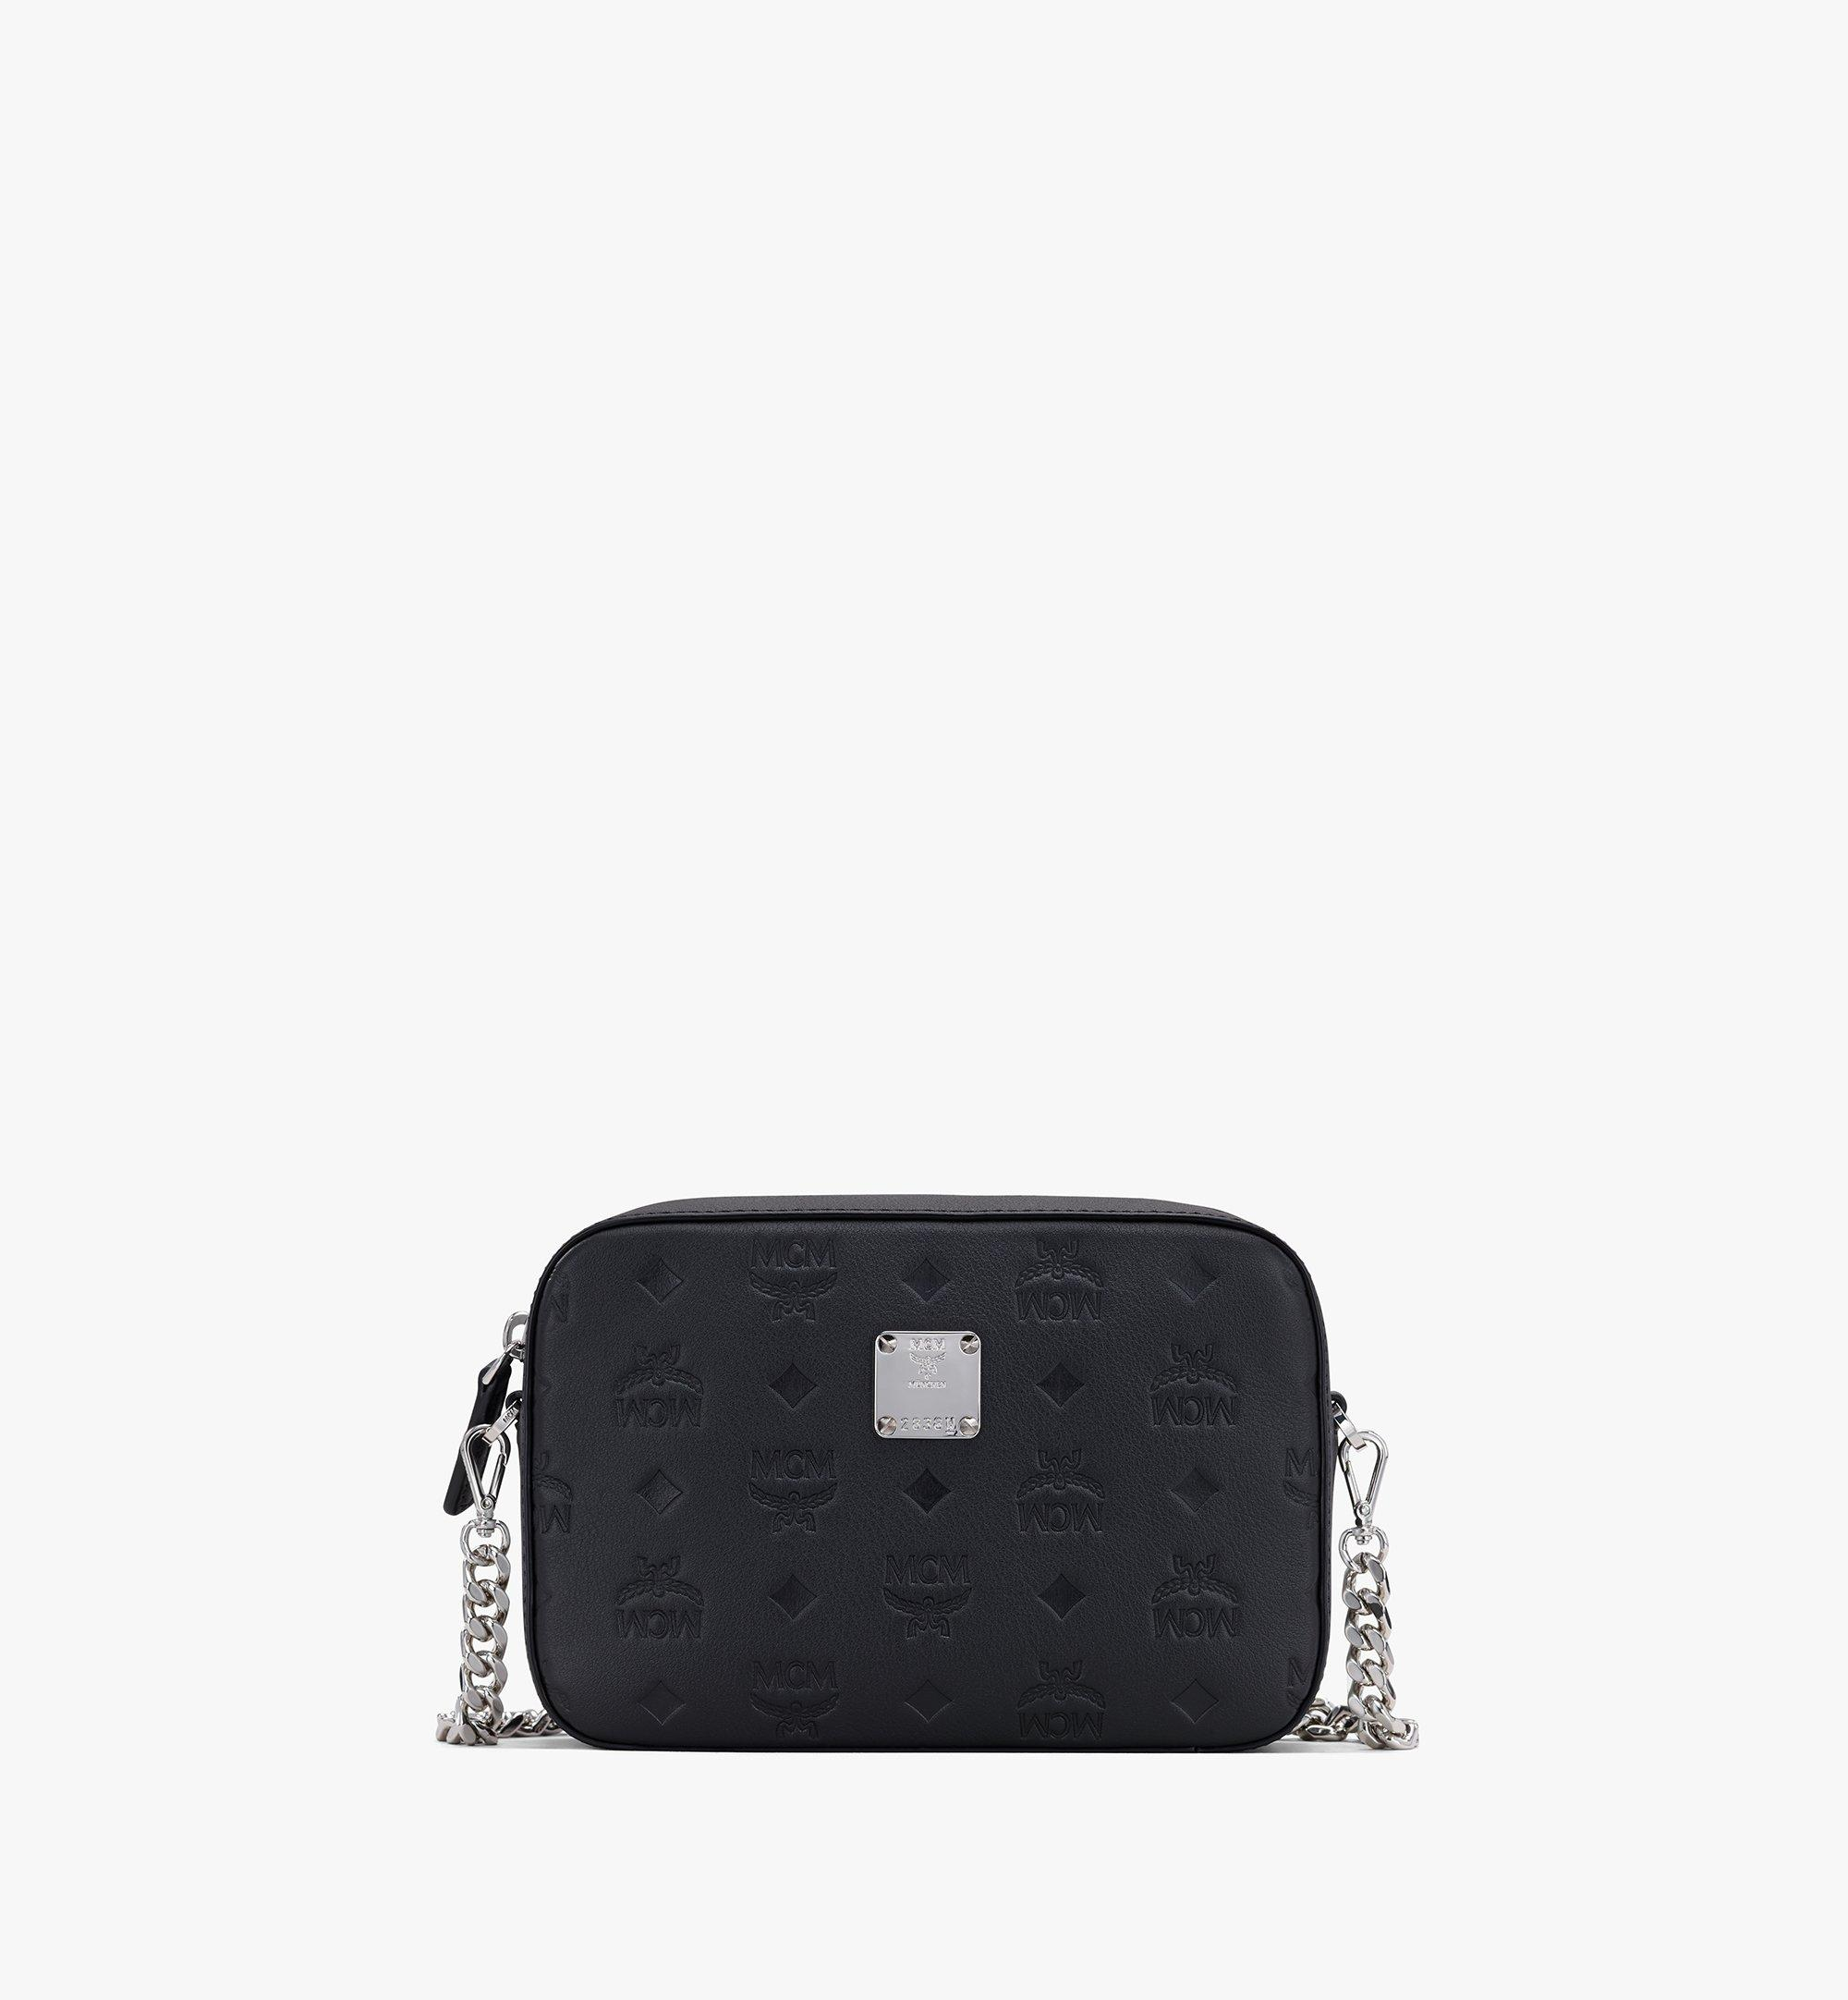 MCM Camera Bag in Monogram Leather Black MWRASKM01BK001 Alternate View 1